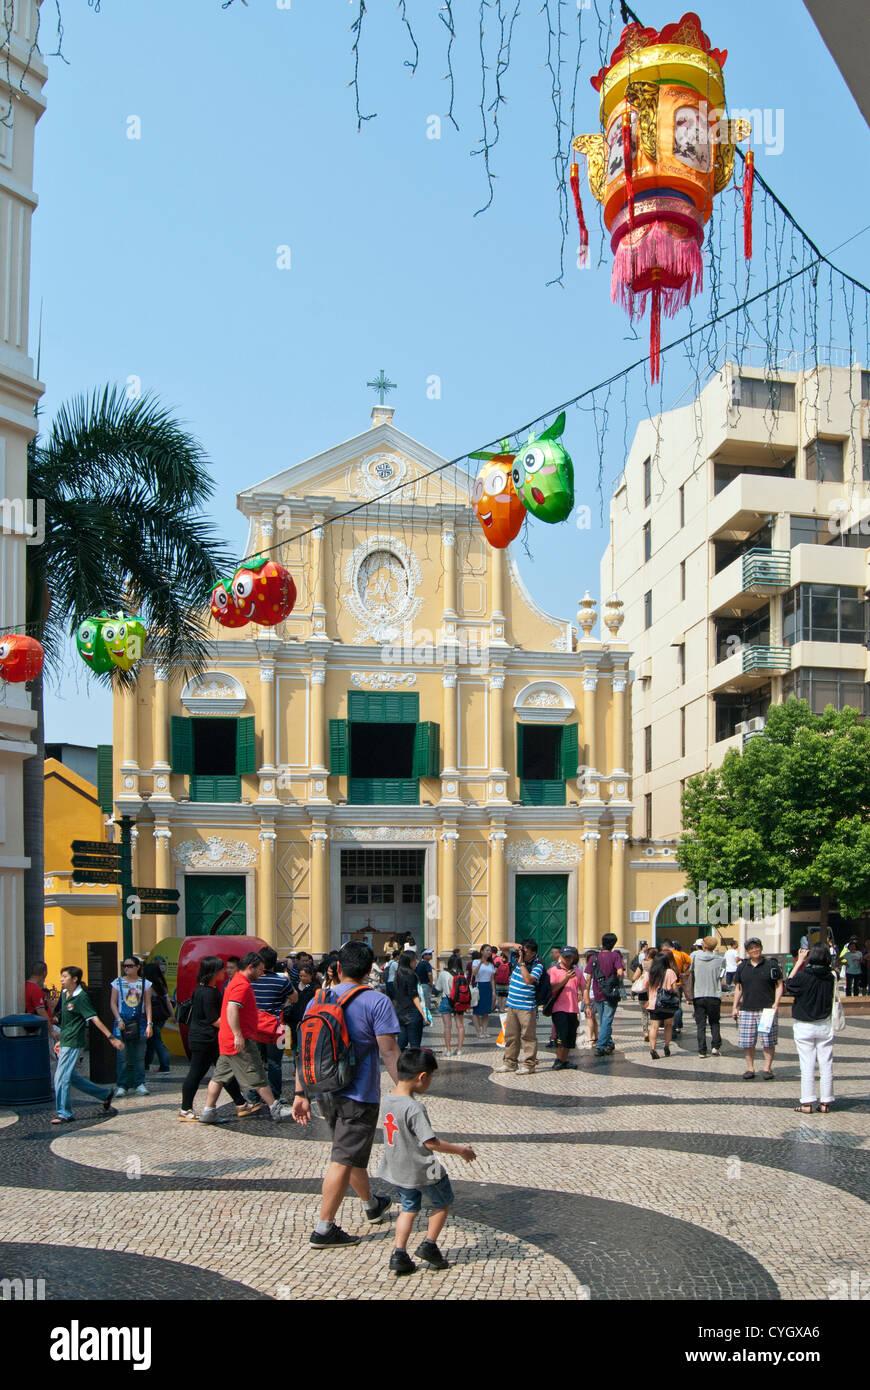 San Domingo la chiesa con Mid-Autumn Festival decorazioni, Macao Immagini Stock